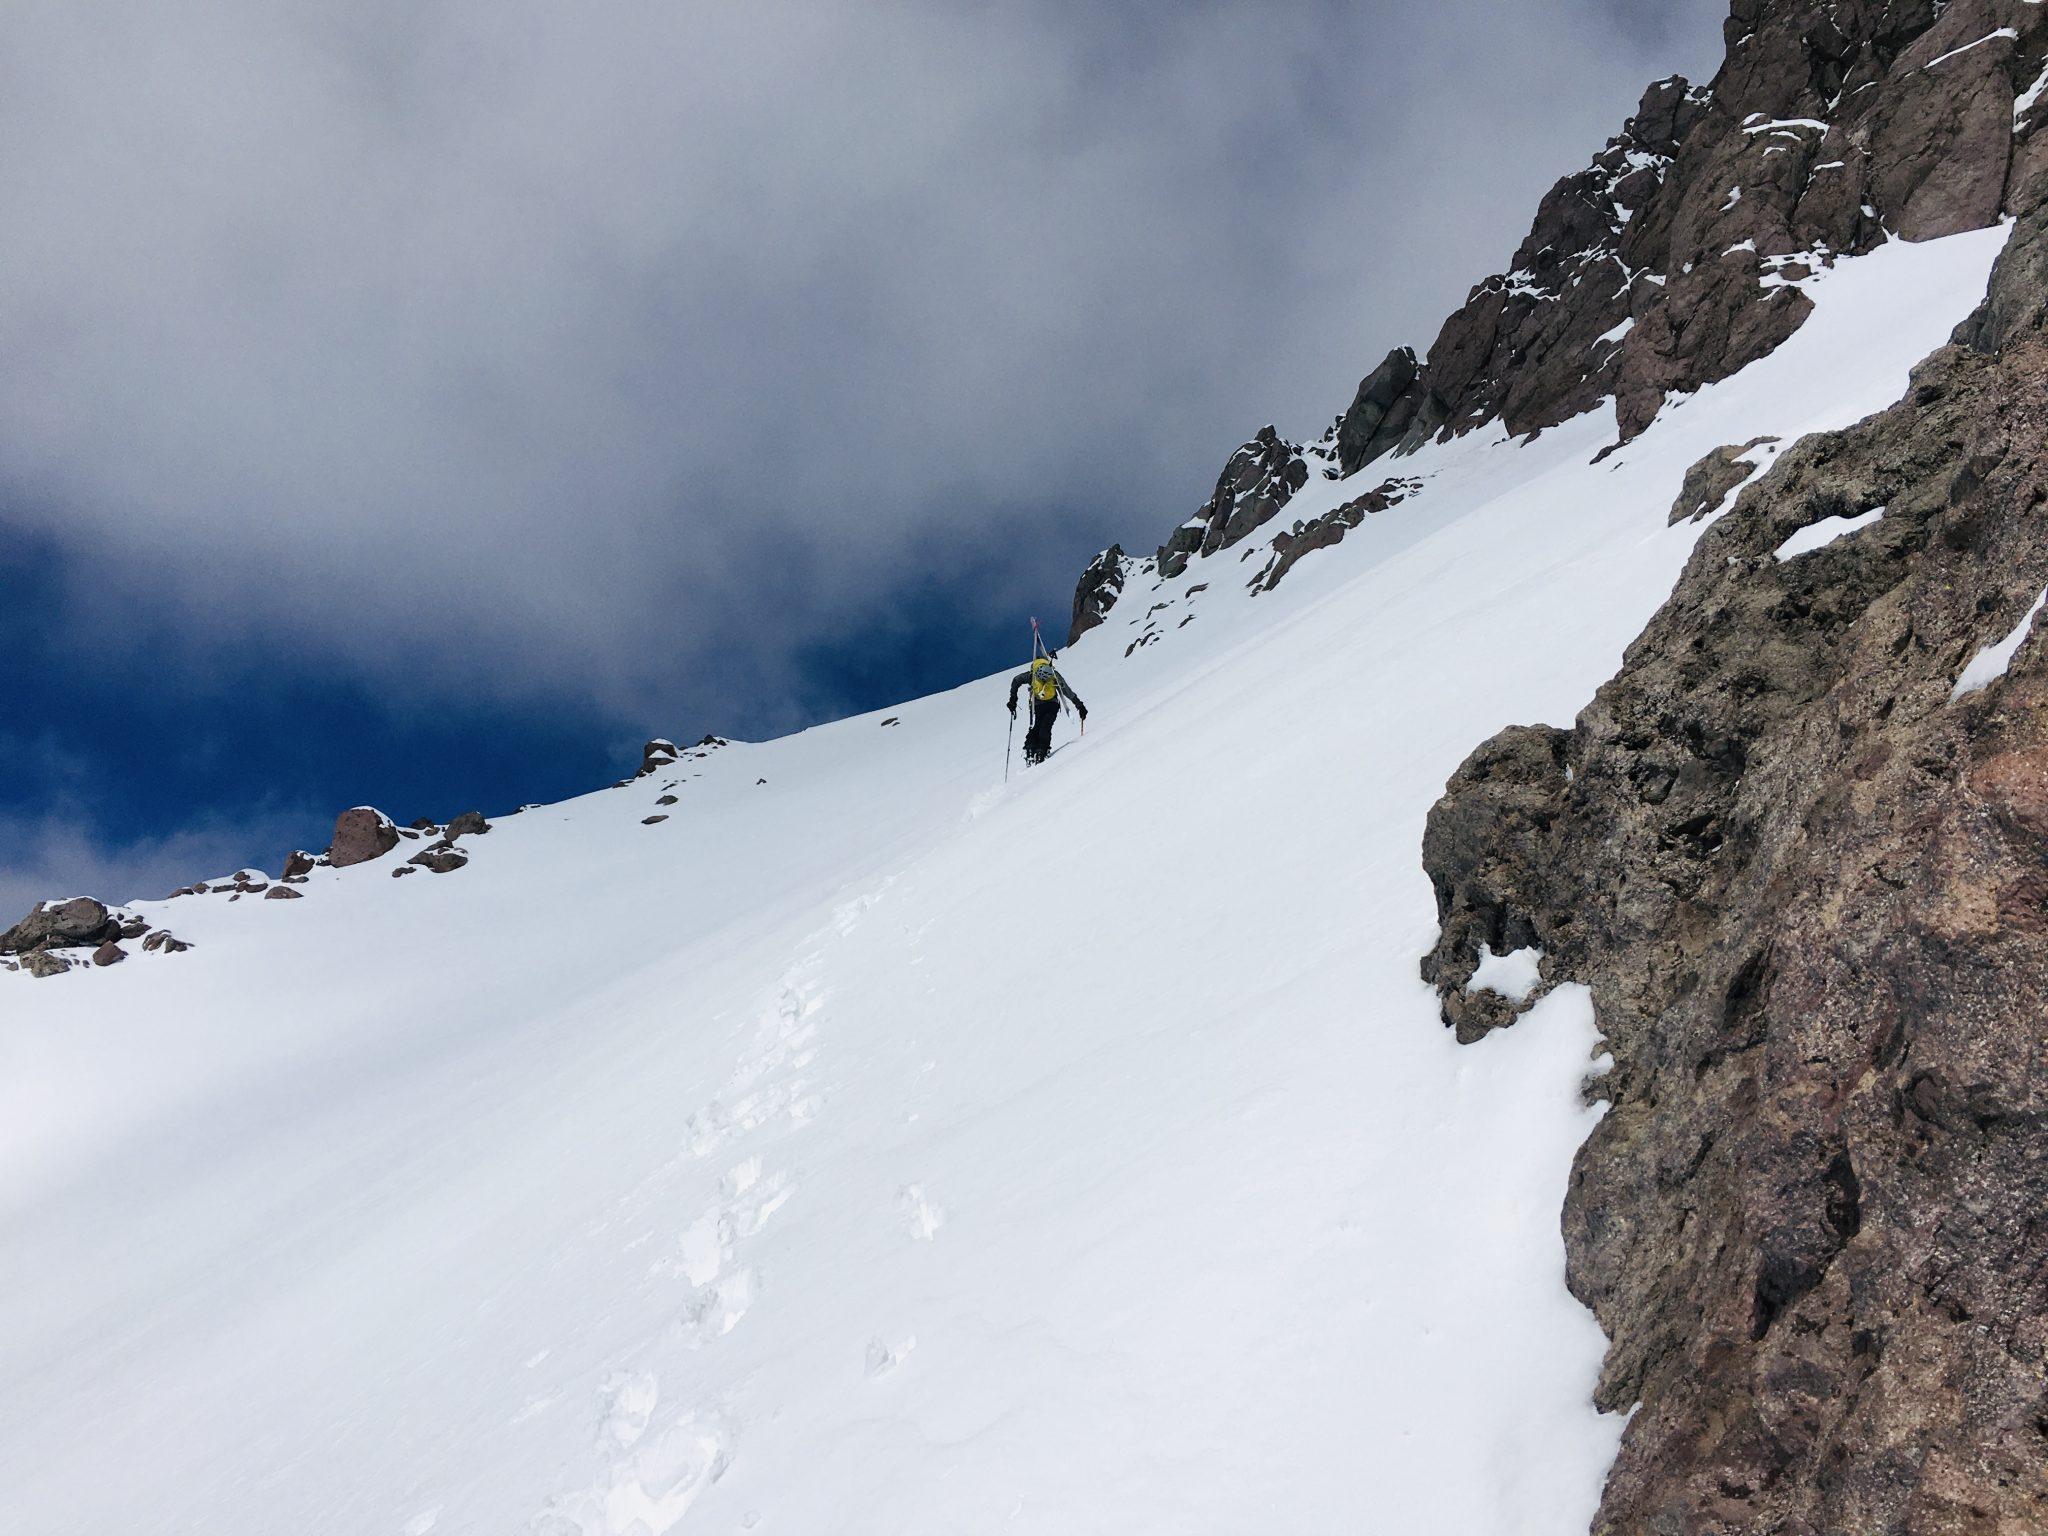 Trip Report: Lassen Peak, CA – Devastated Area to East Ridge